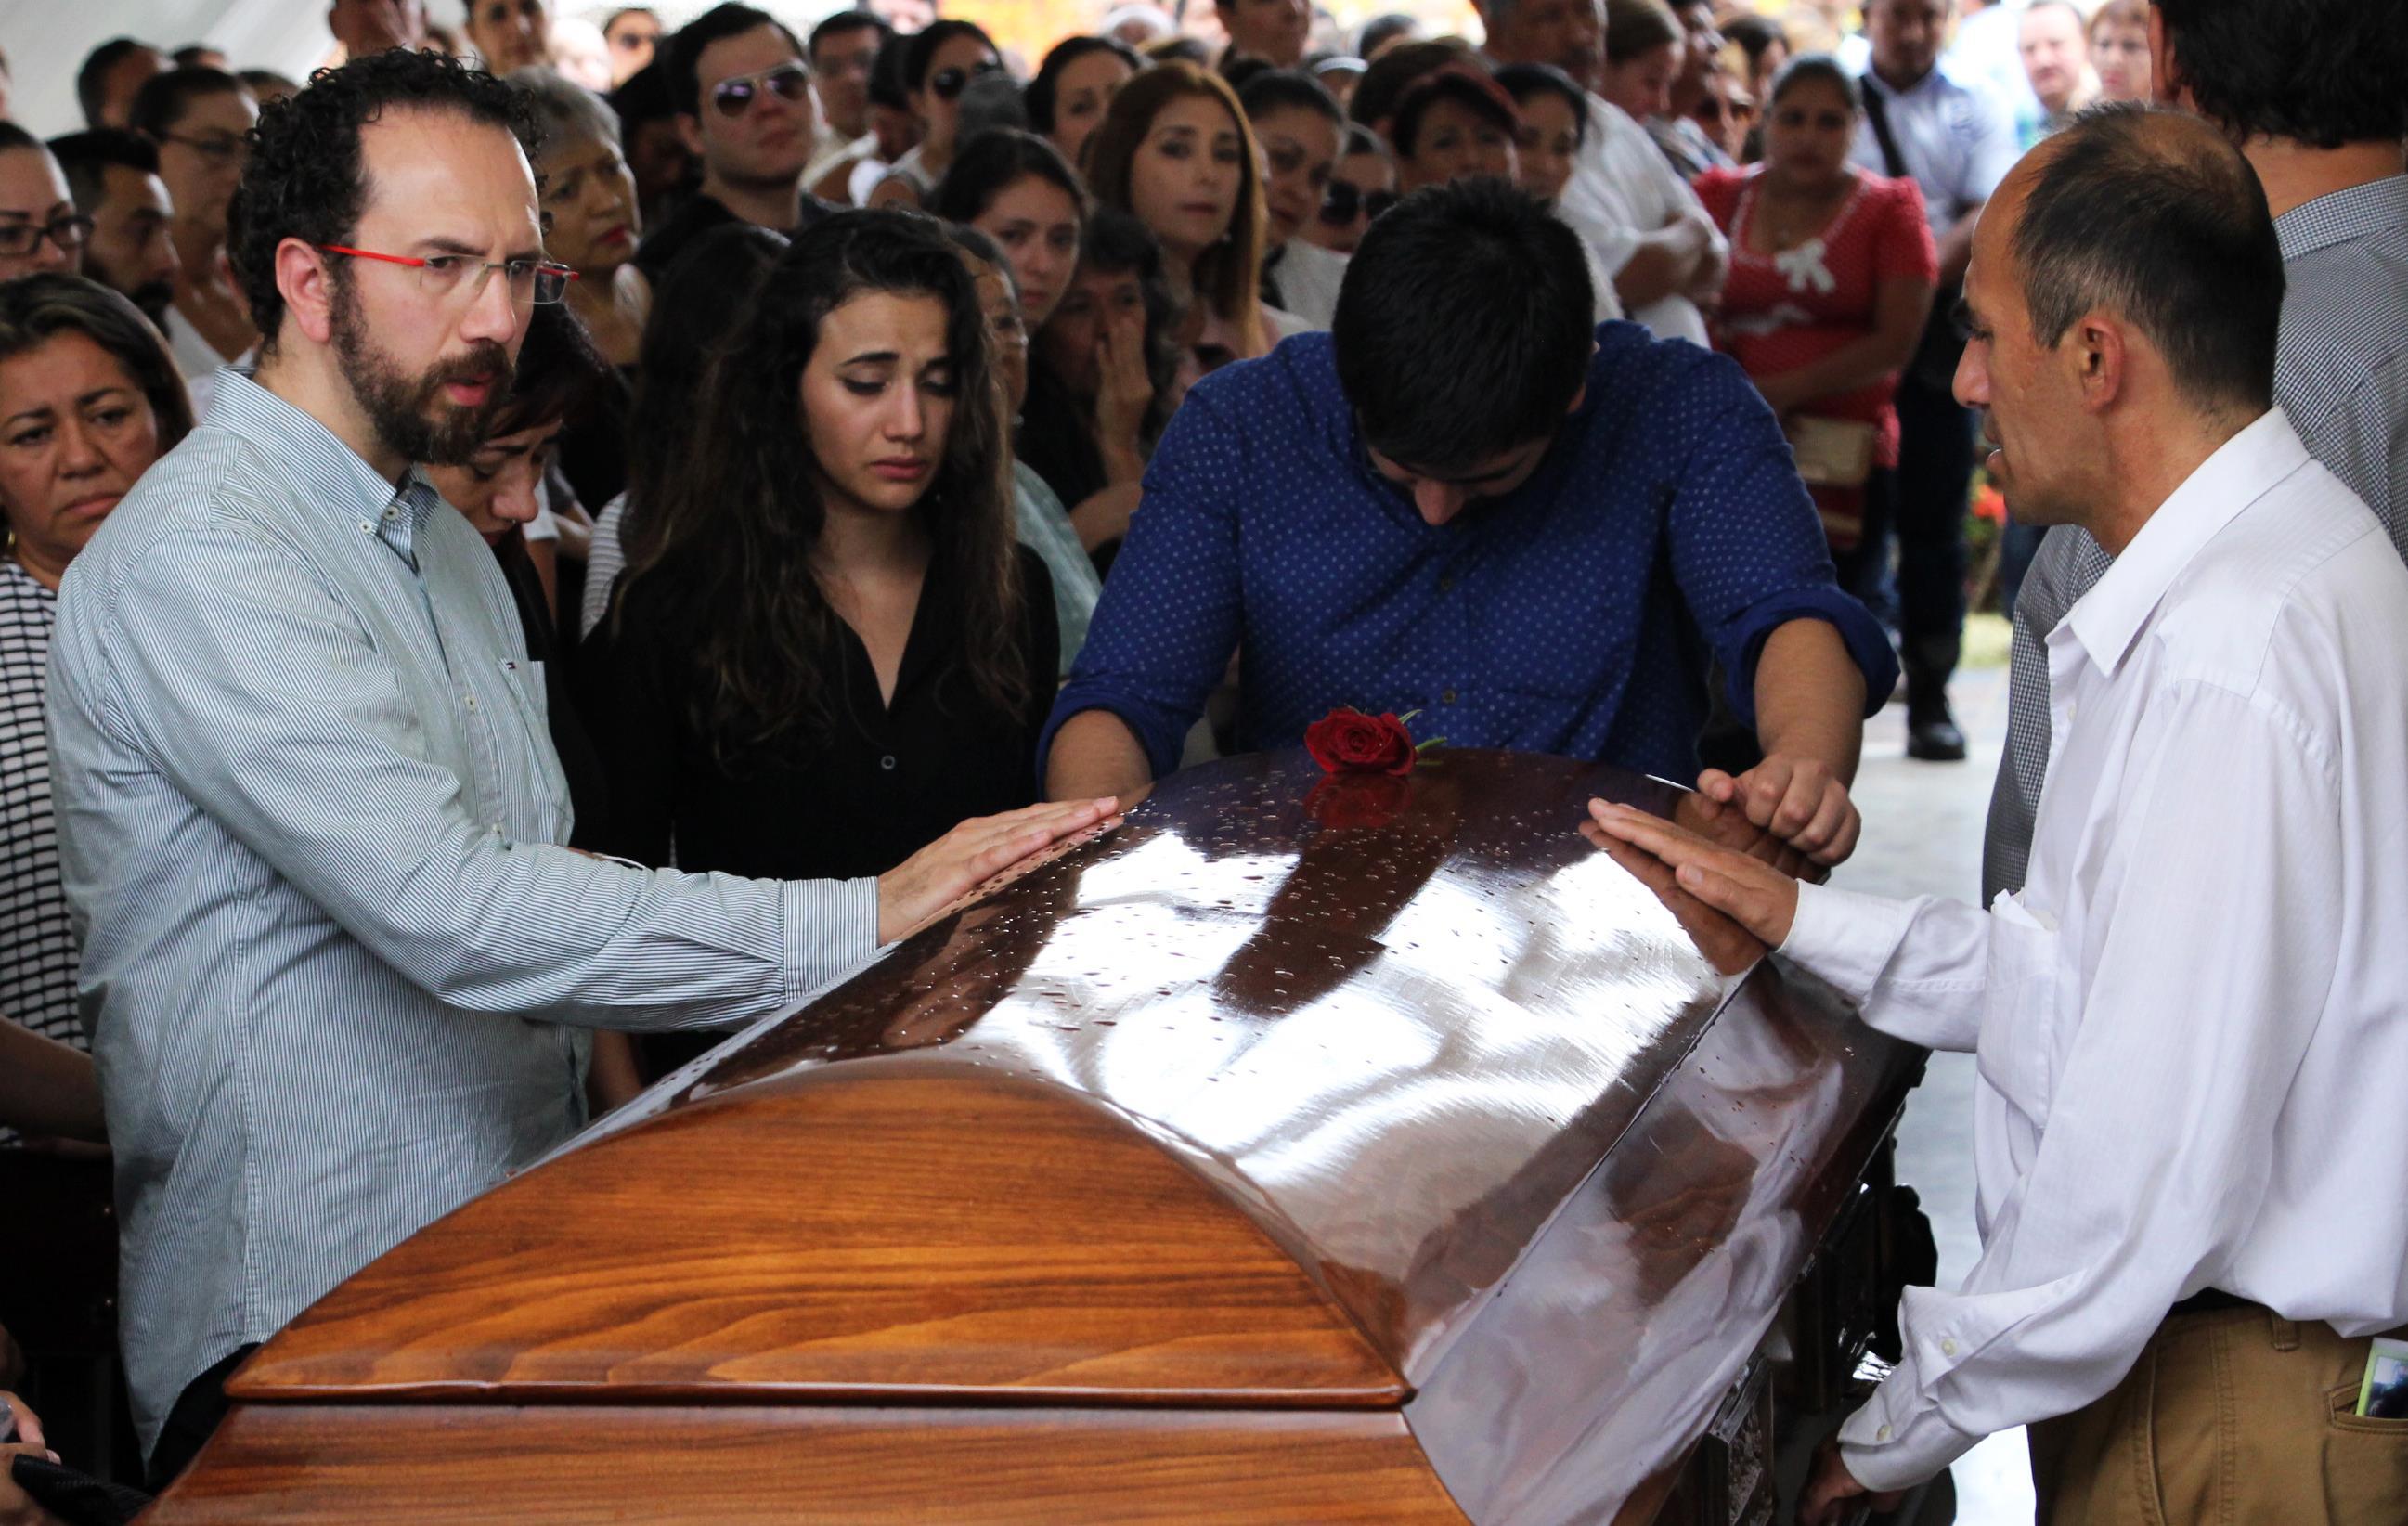 Les proches endeuillés du journaliste assassiné Juan Carlos Huerta se penchent sur son cercueil durant ses funérailles au cimetière de Villahermosa, dans l'État deTabasco le 16 mai 2018.